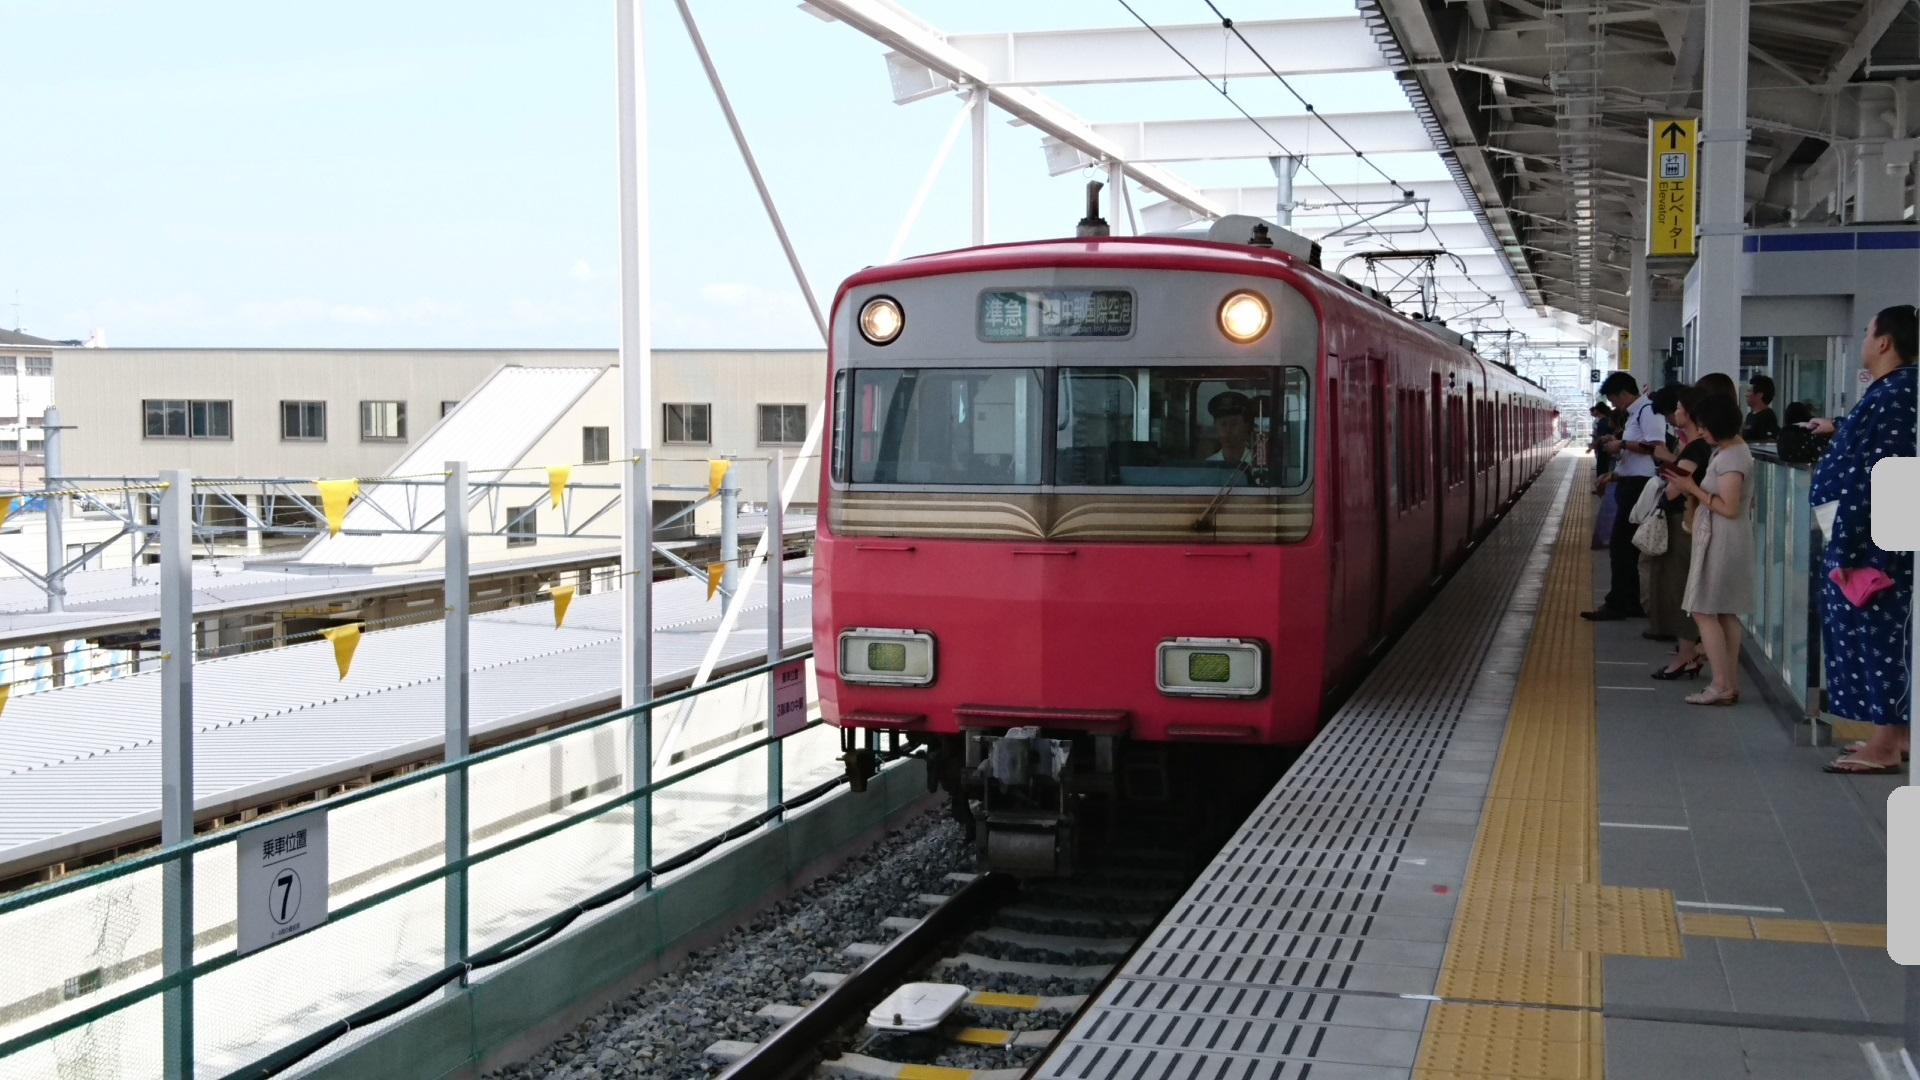 2017.7.19 布袋 (57) 布袋 - セントレアいき準急 1920-1080